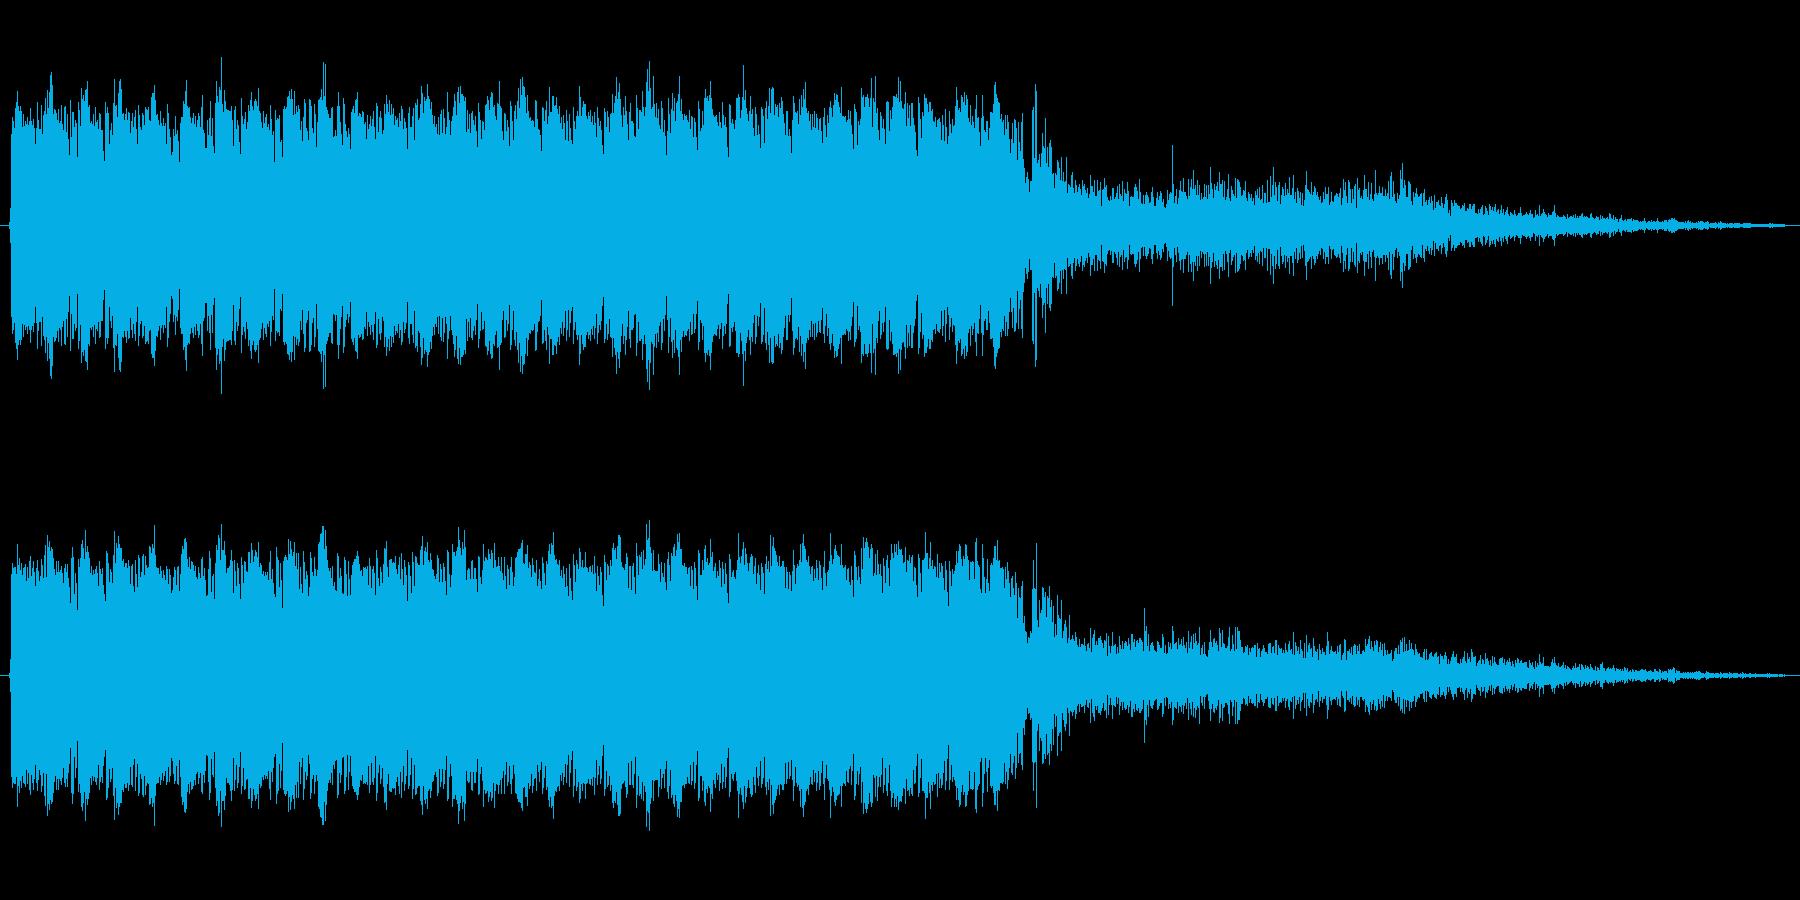 ライフルの連射音の再生済みの波形